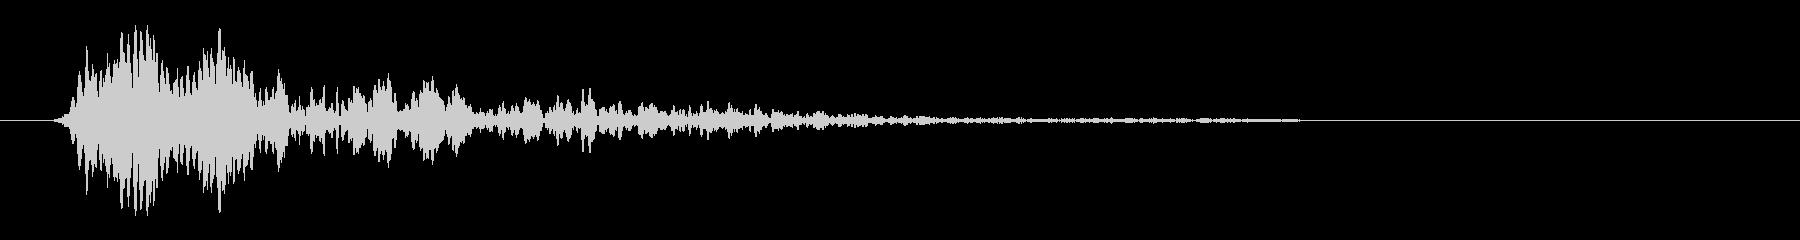 ピヨン(軽快なジャンプ音)の未再生の波形